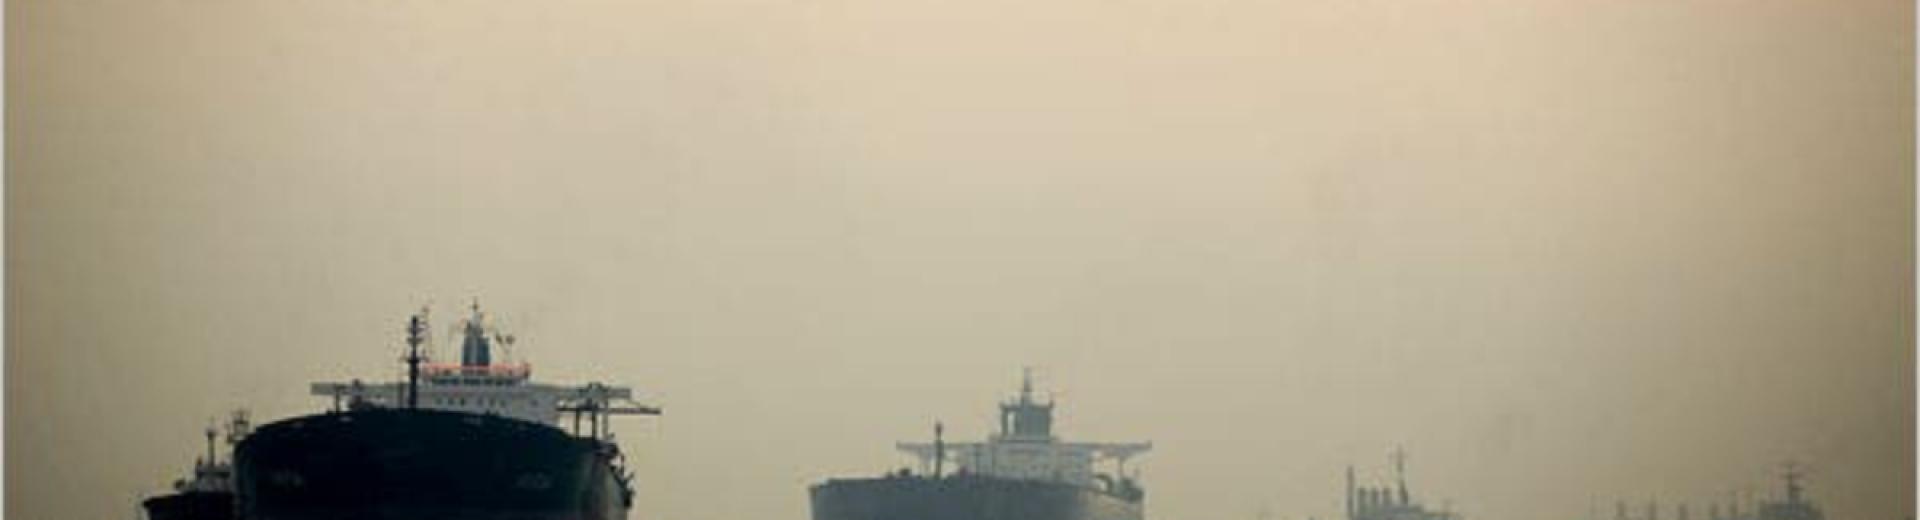 cargo ships waiting